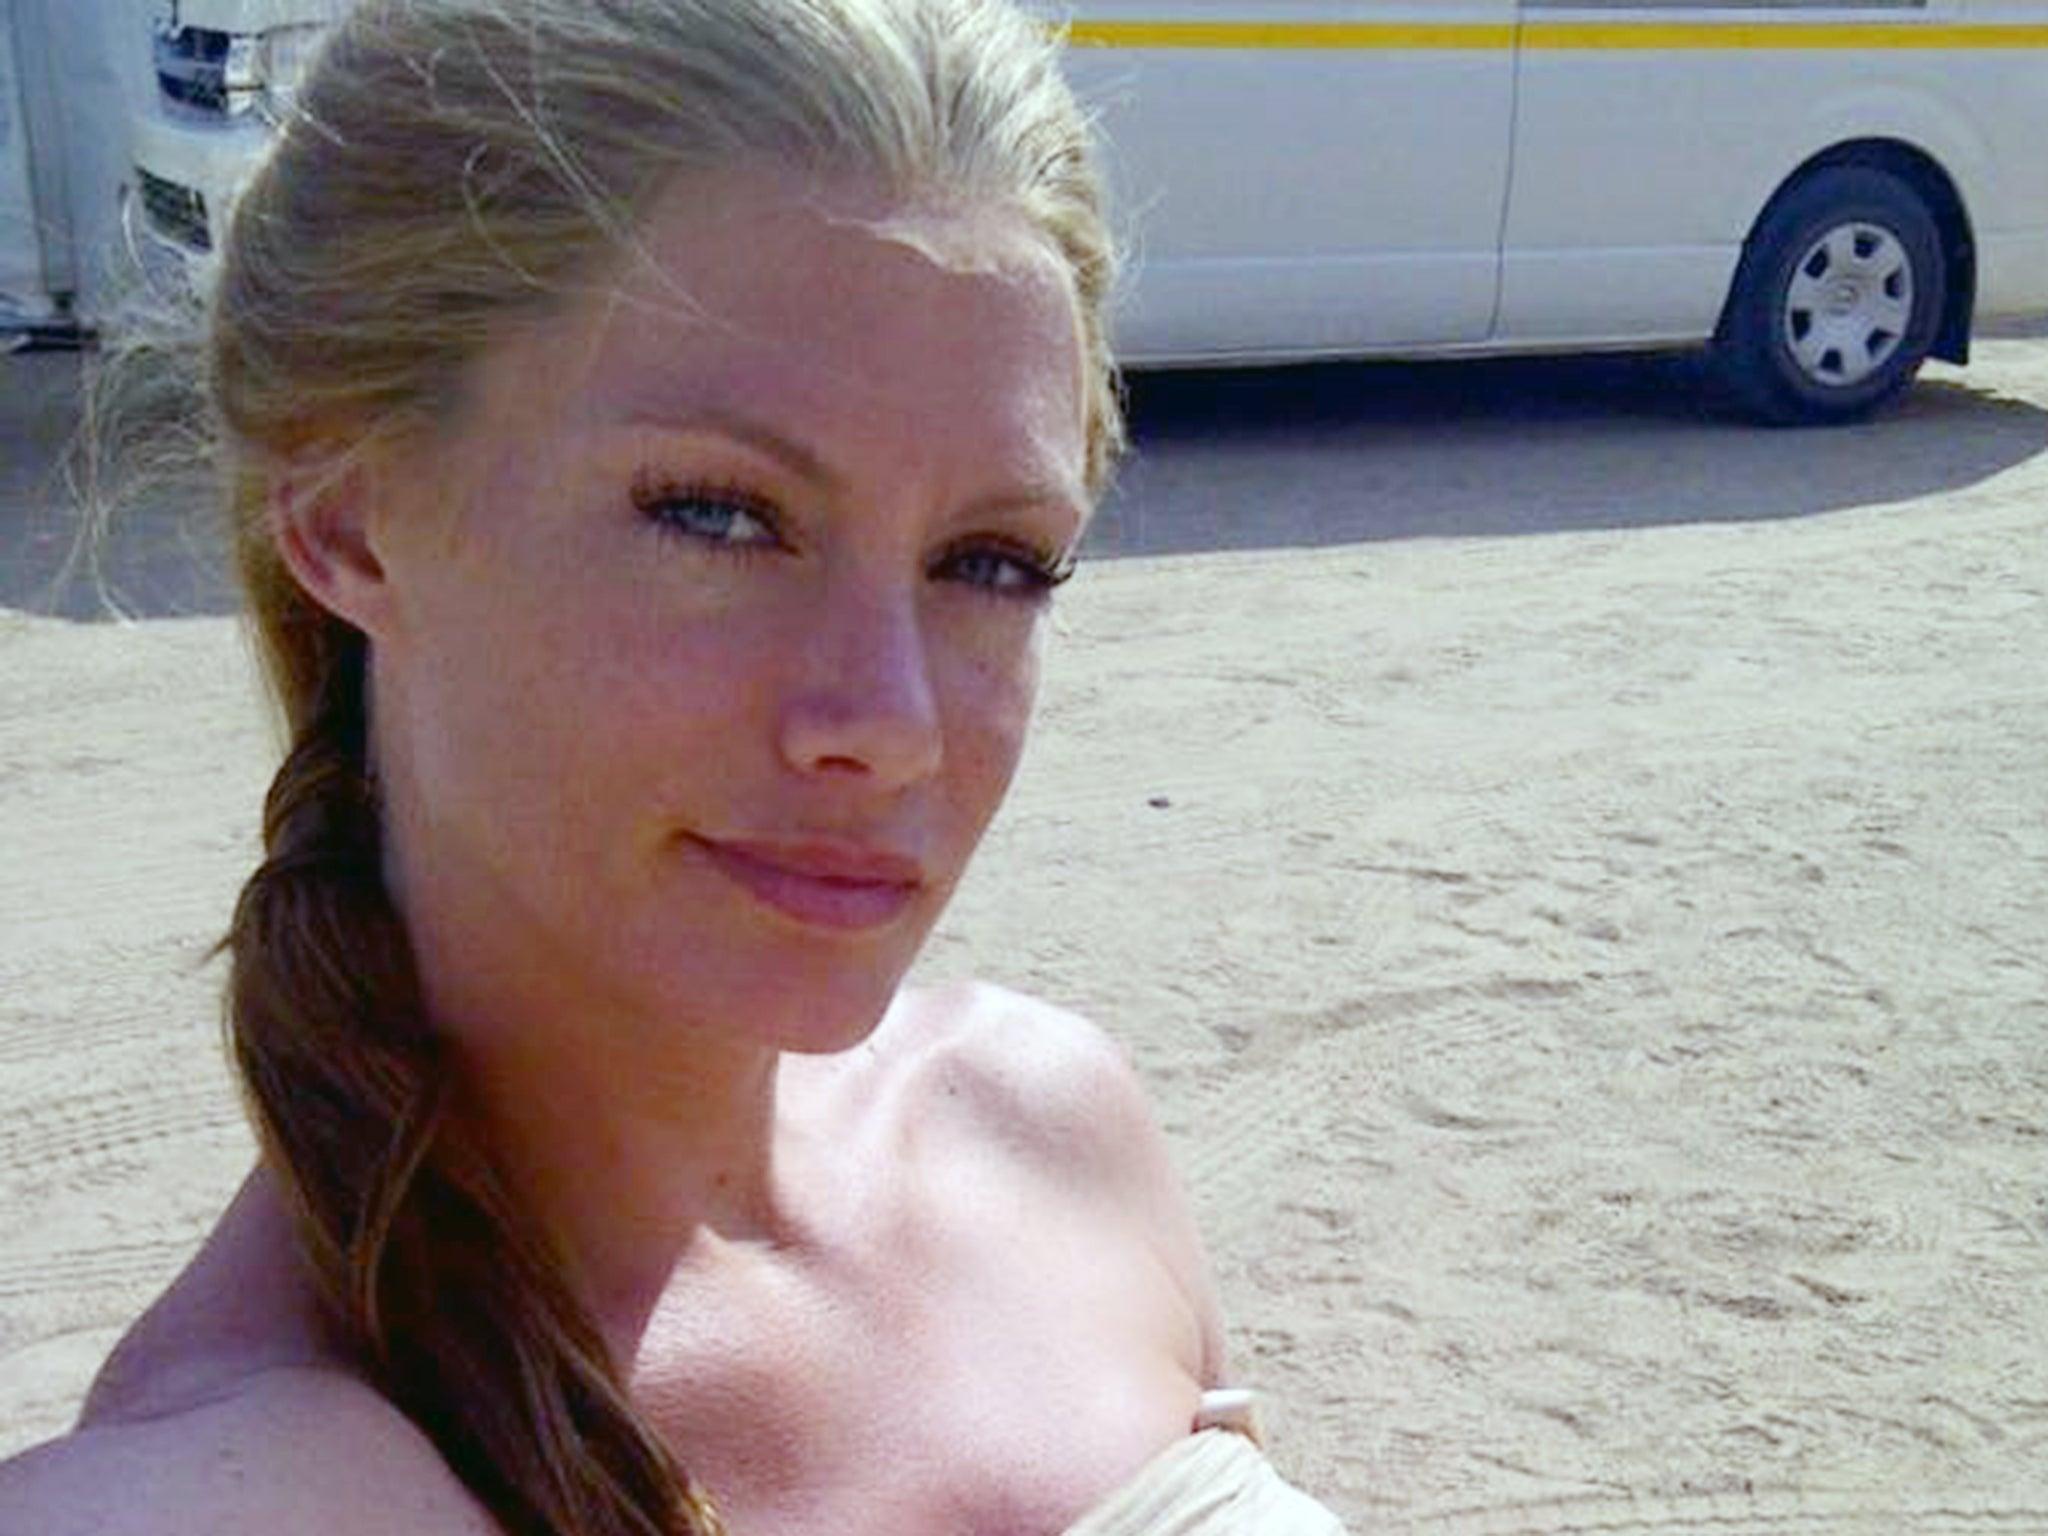 Olivia Jackson Star Wars And Resident Evil Stunt